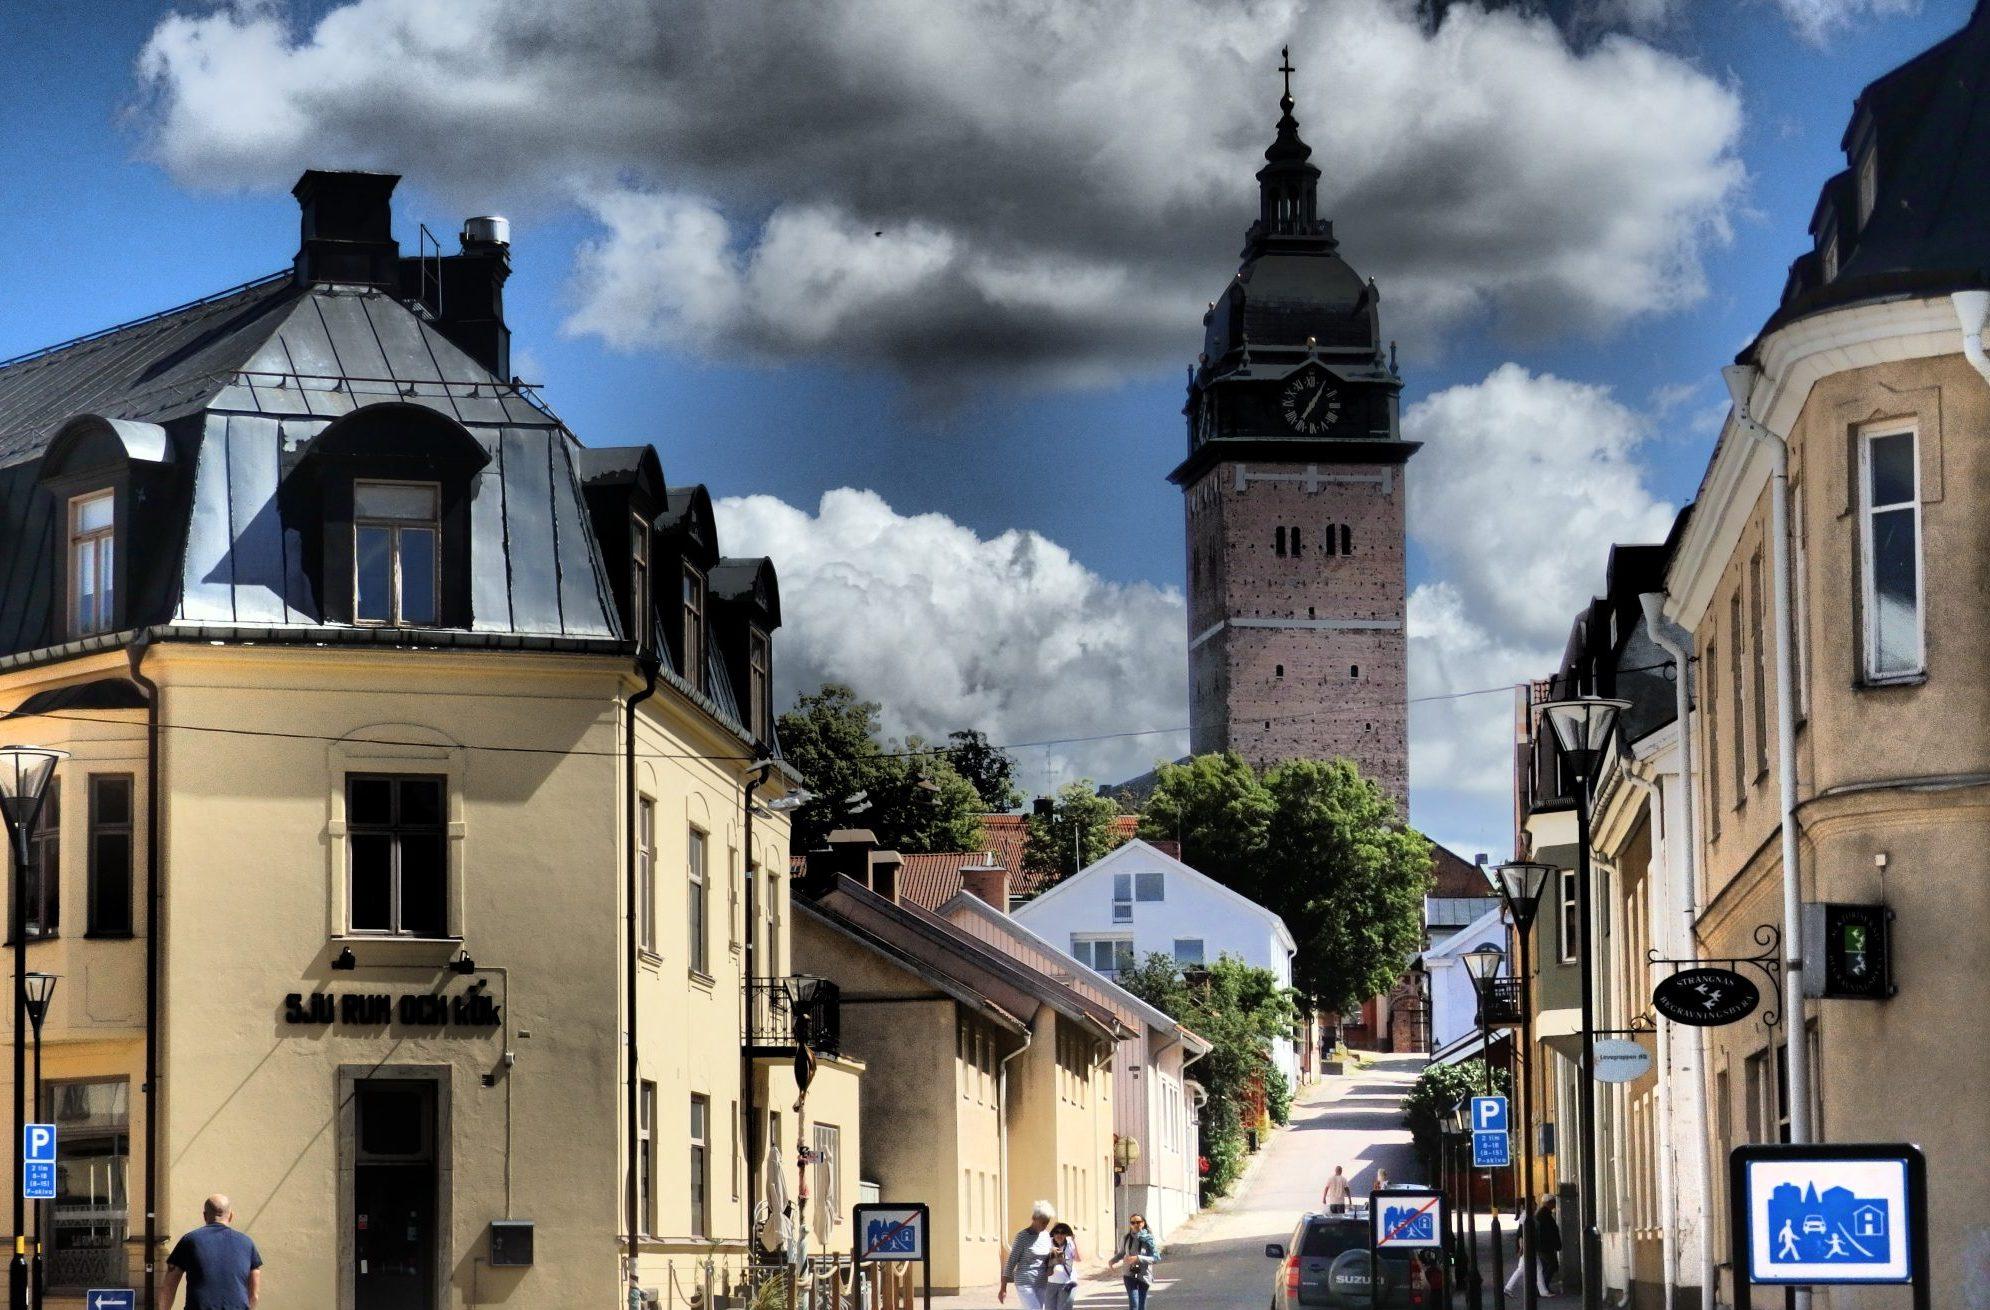 Strängnäs, Sweden